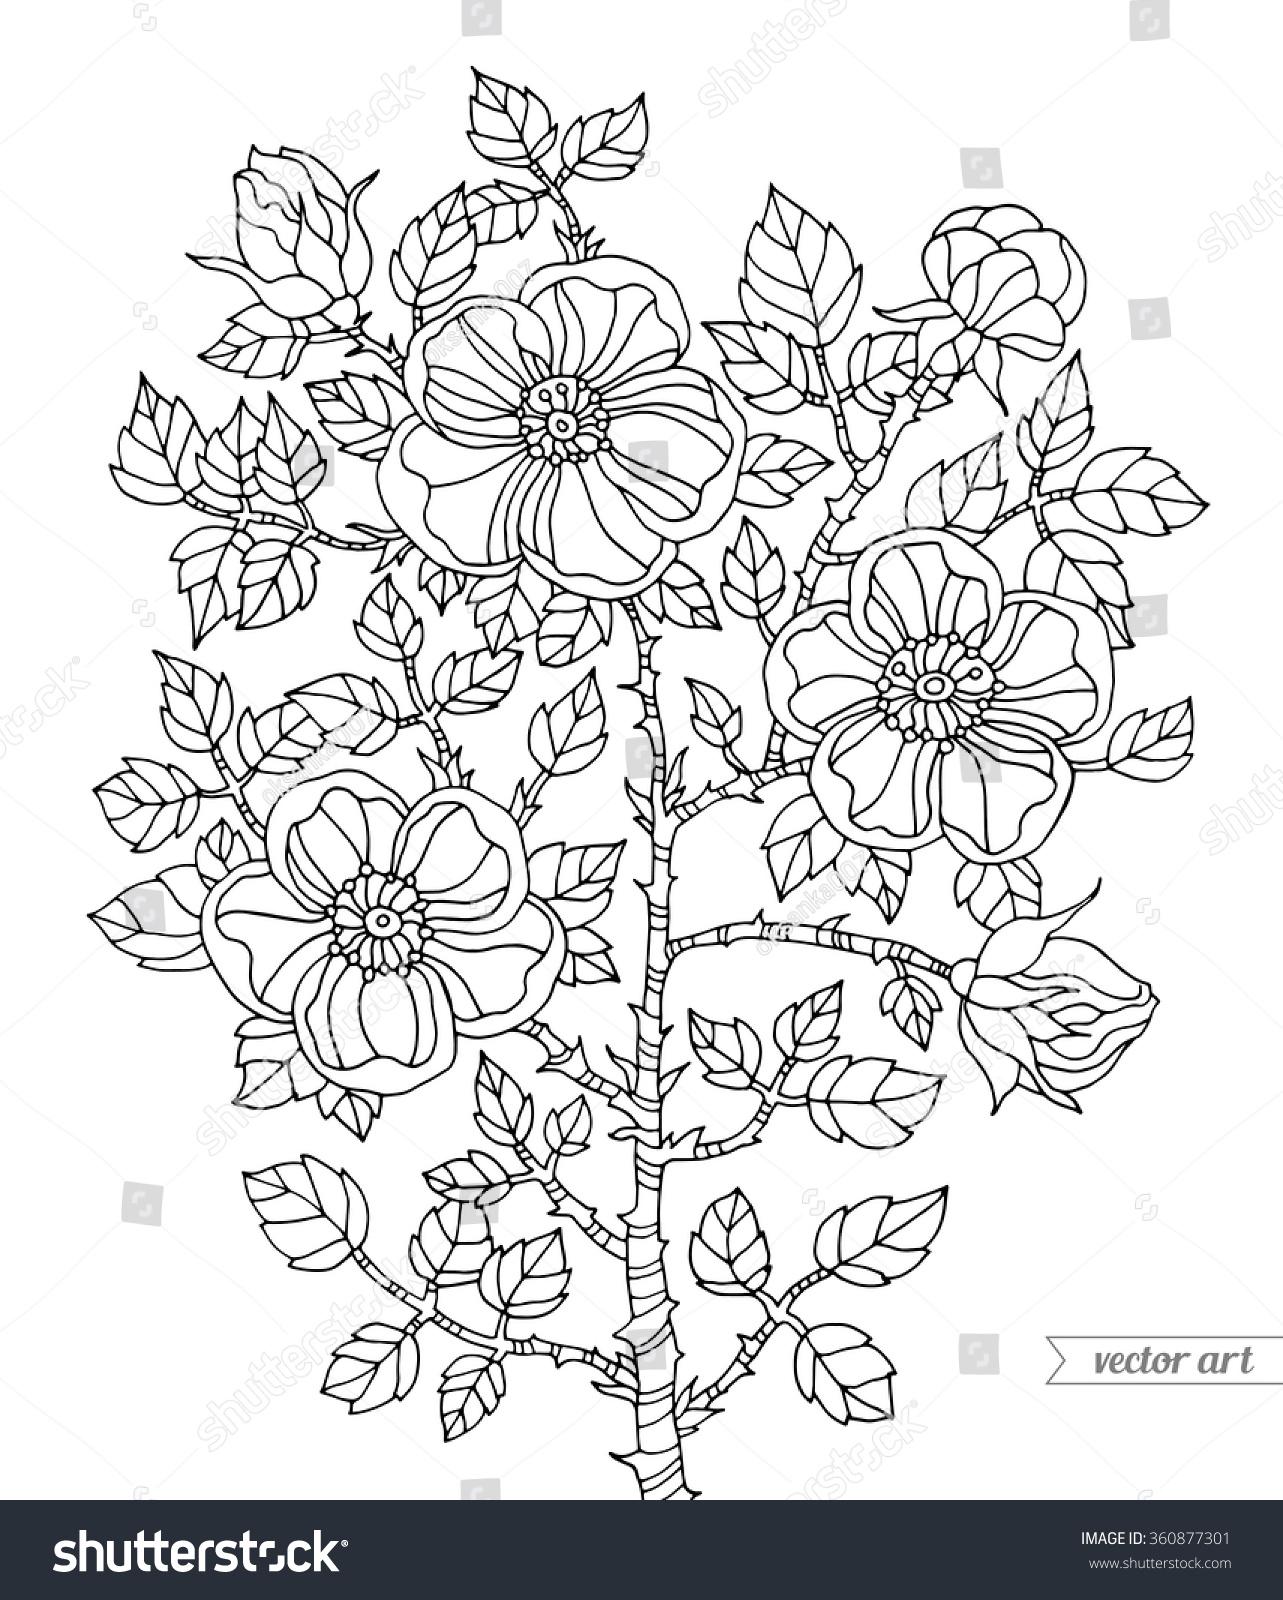 Botanical art coloring book - Botanical Art Coloring Book Coloring Book Page For Adult Botanical Vector Zentangle